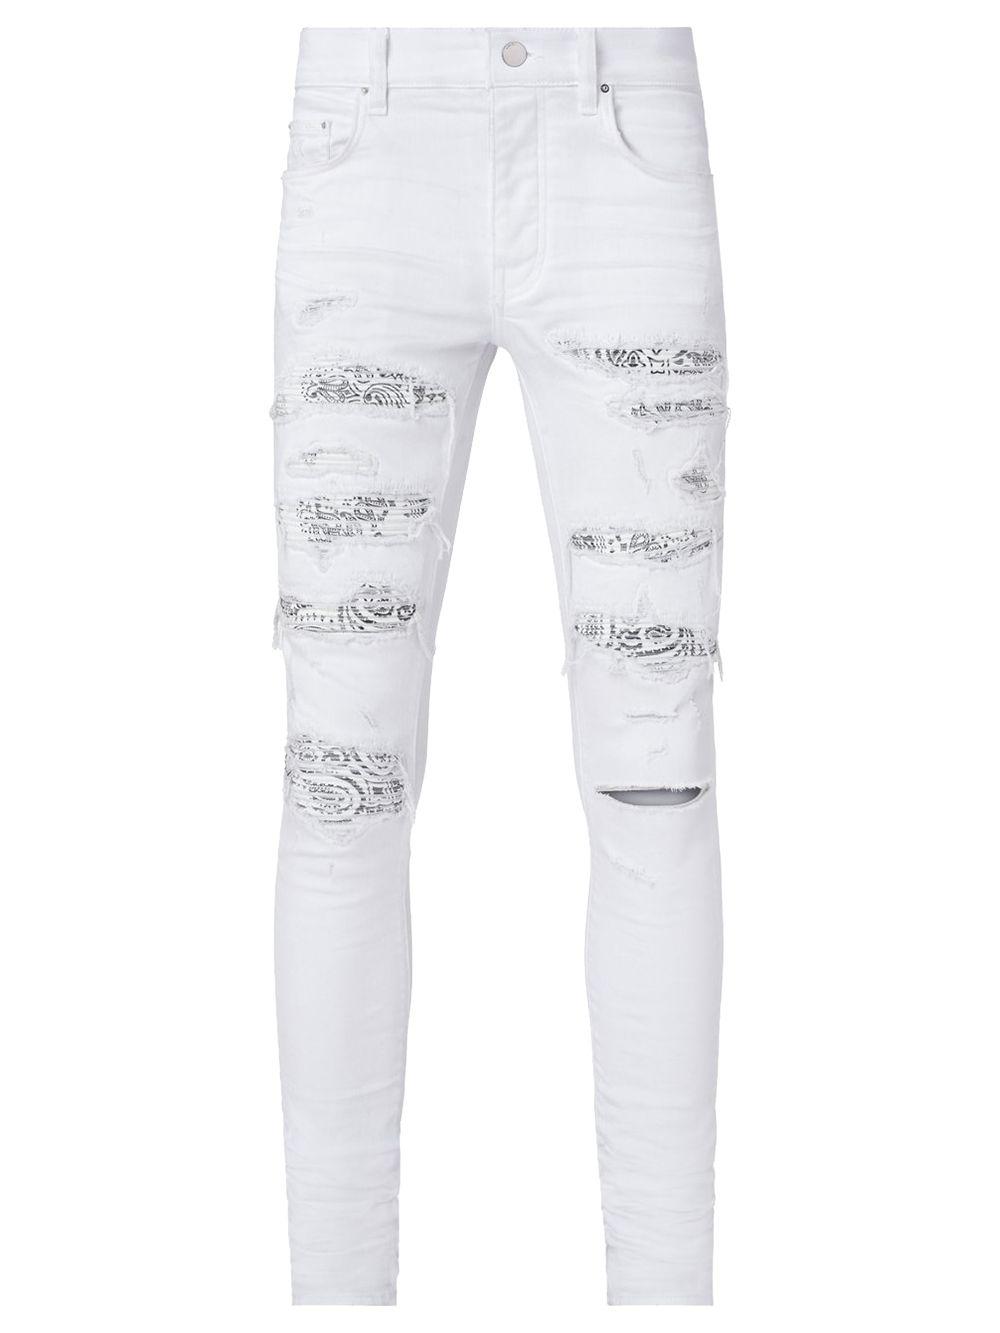 Bandana Thrasher Jeans White